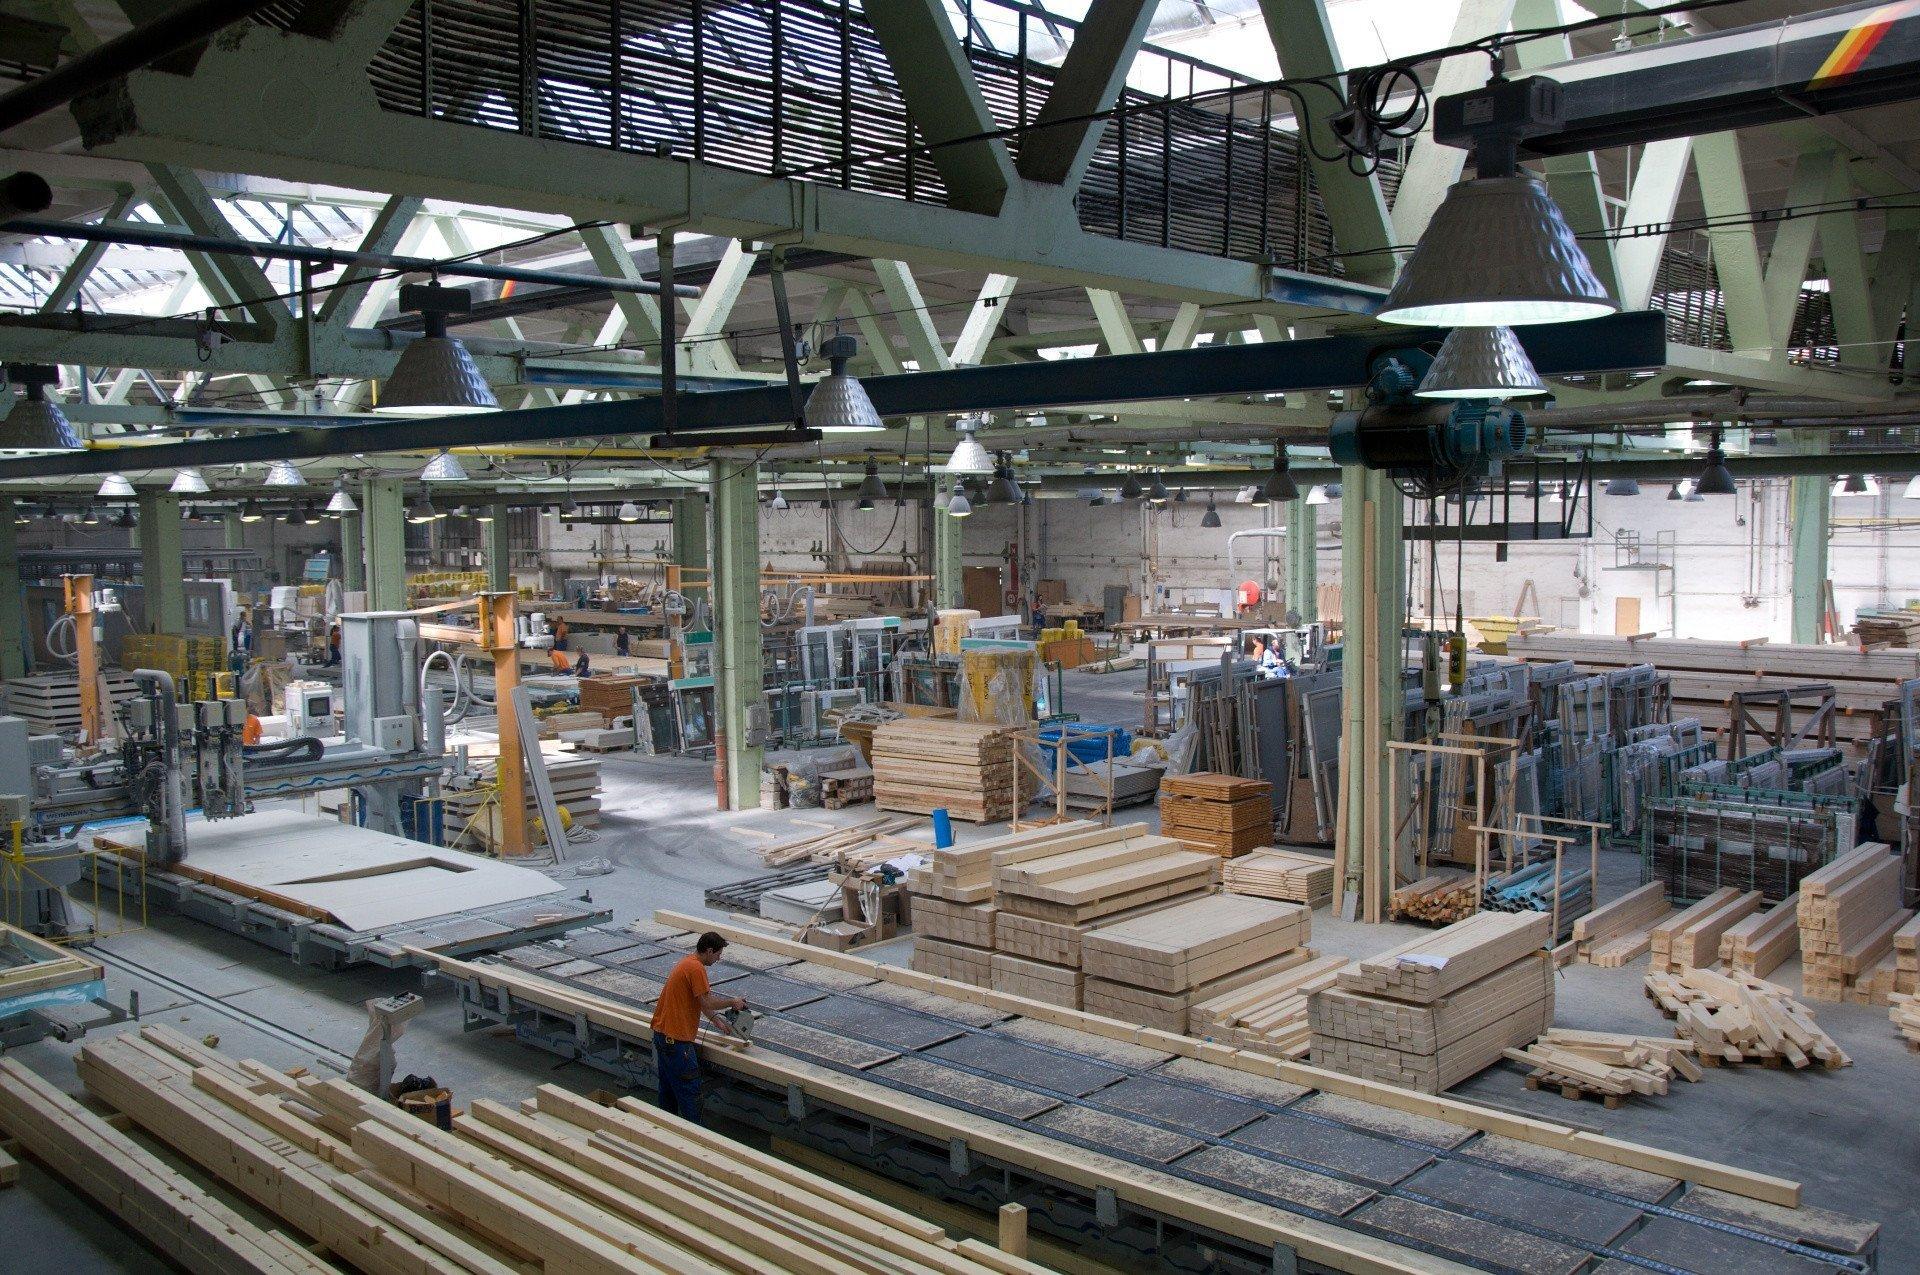 Výrobní hala RD Rýmařov, s. r. o. - pracoviště výroby obvodových stěn.